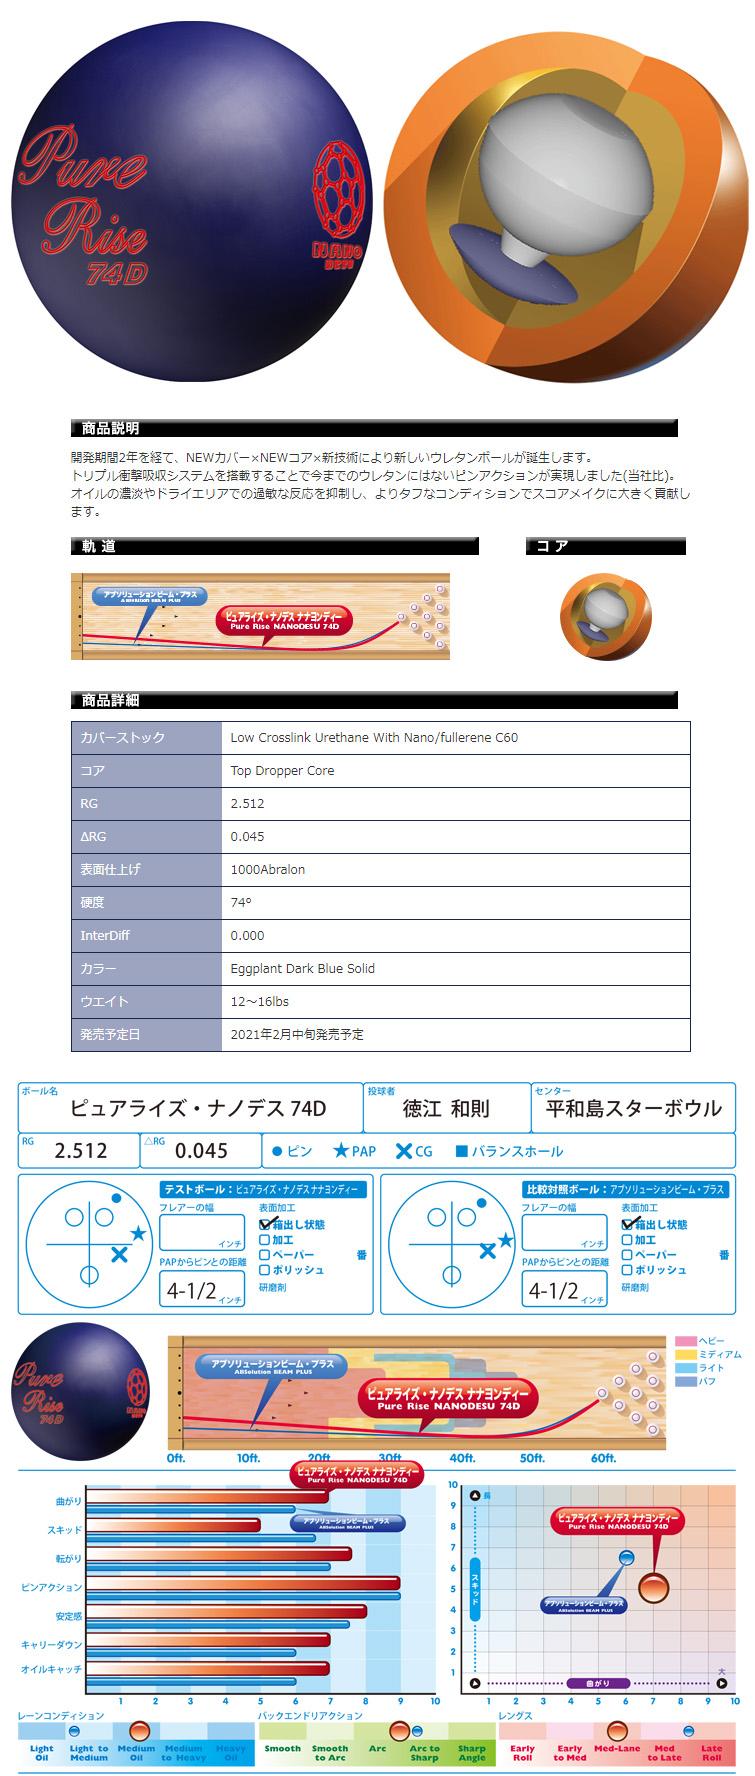 ボウリング用品 ボウリングボール ピュアライズ・ナノデス ナナヨンディー Pure Rise NANODESU 74D